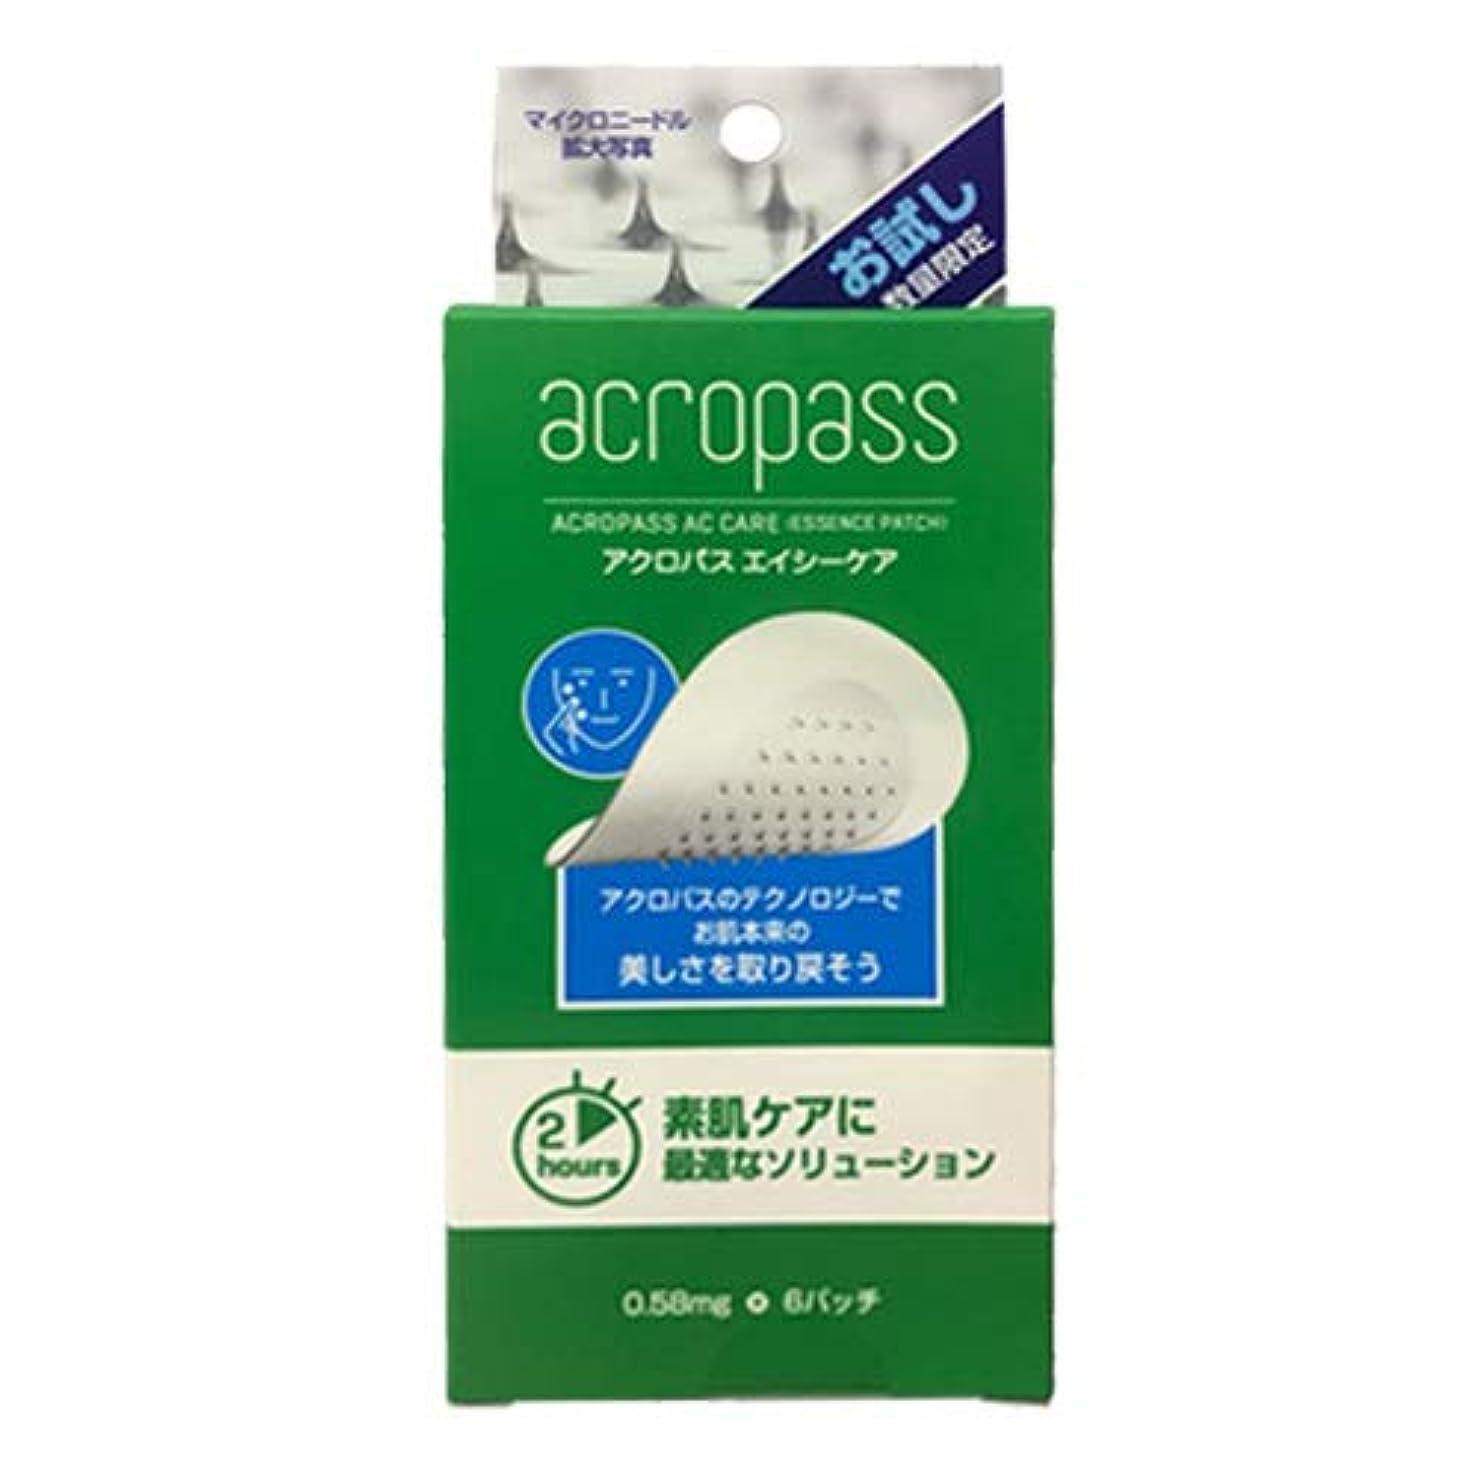 交差点健全のみアクロパス (acropass) エイシーケア お試しサイズ 6パッチ入り